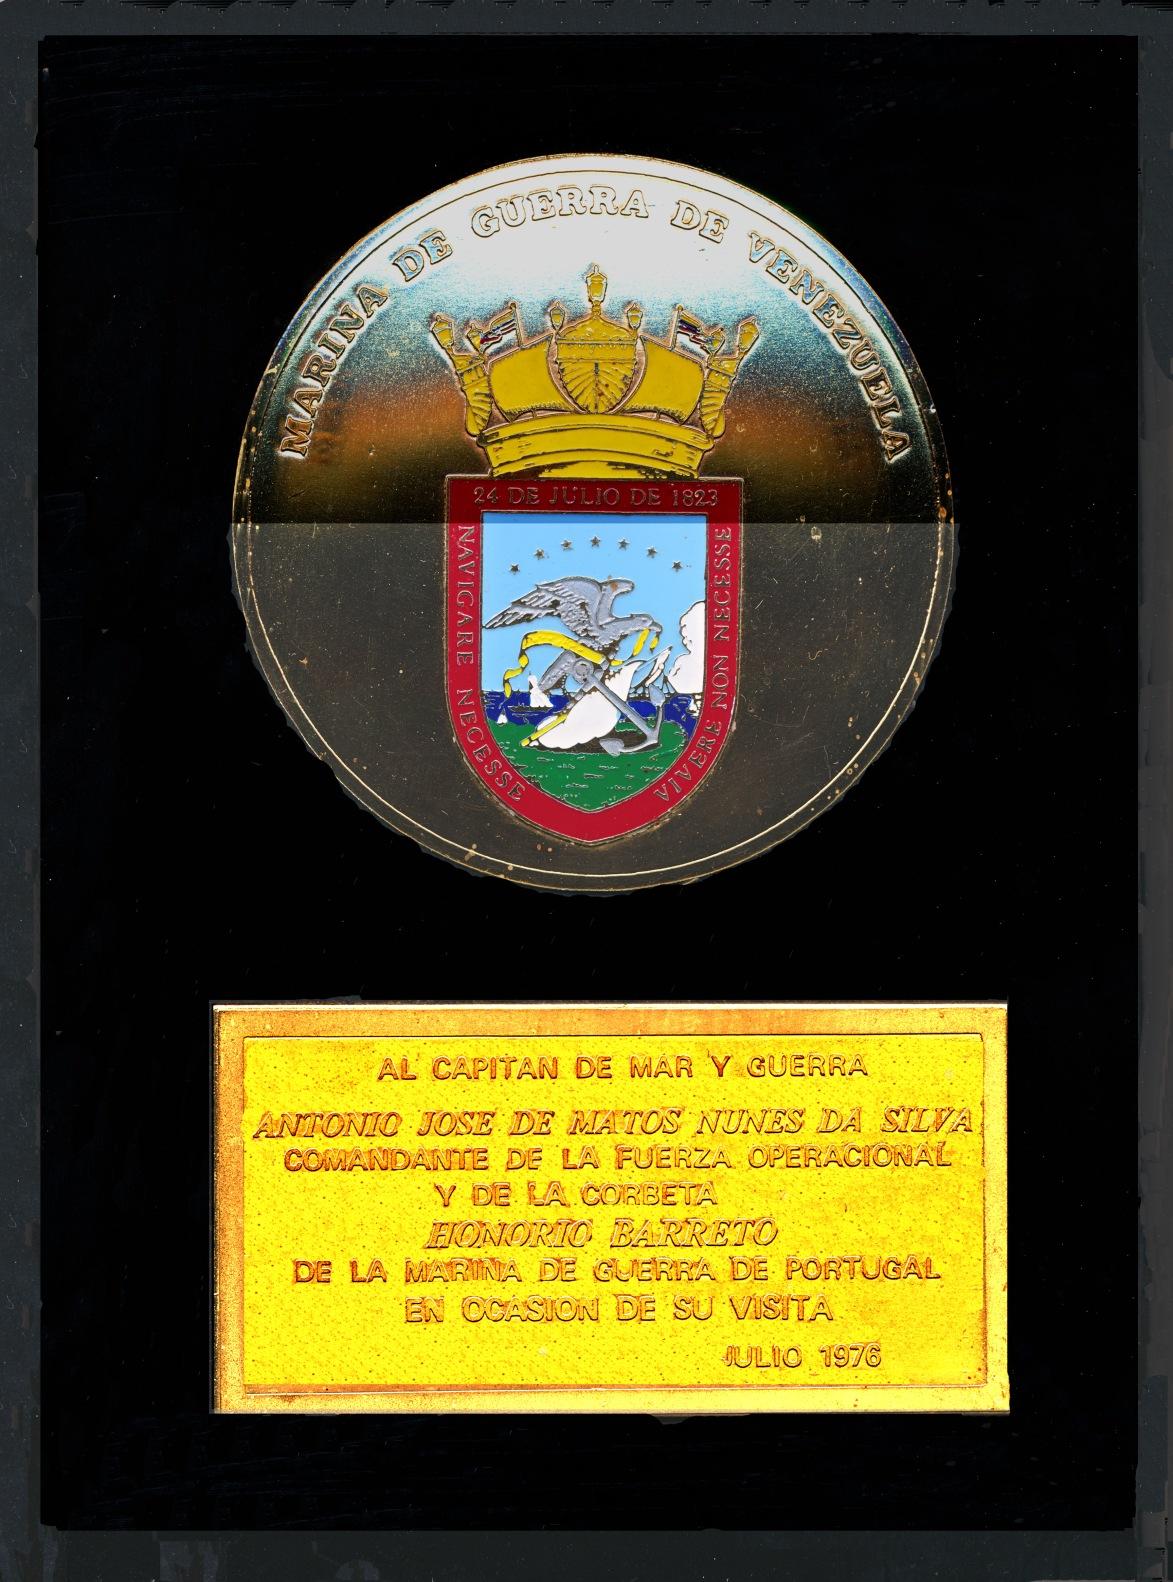 00759 976-07-29 Placa que me foi oferecida pela Marinha da Venezuela